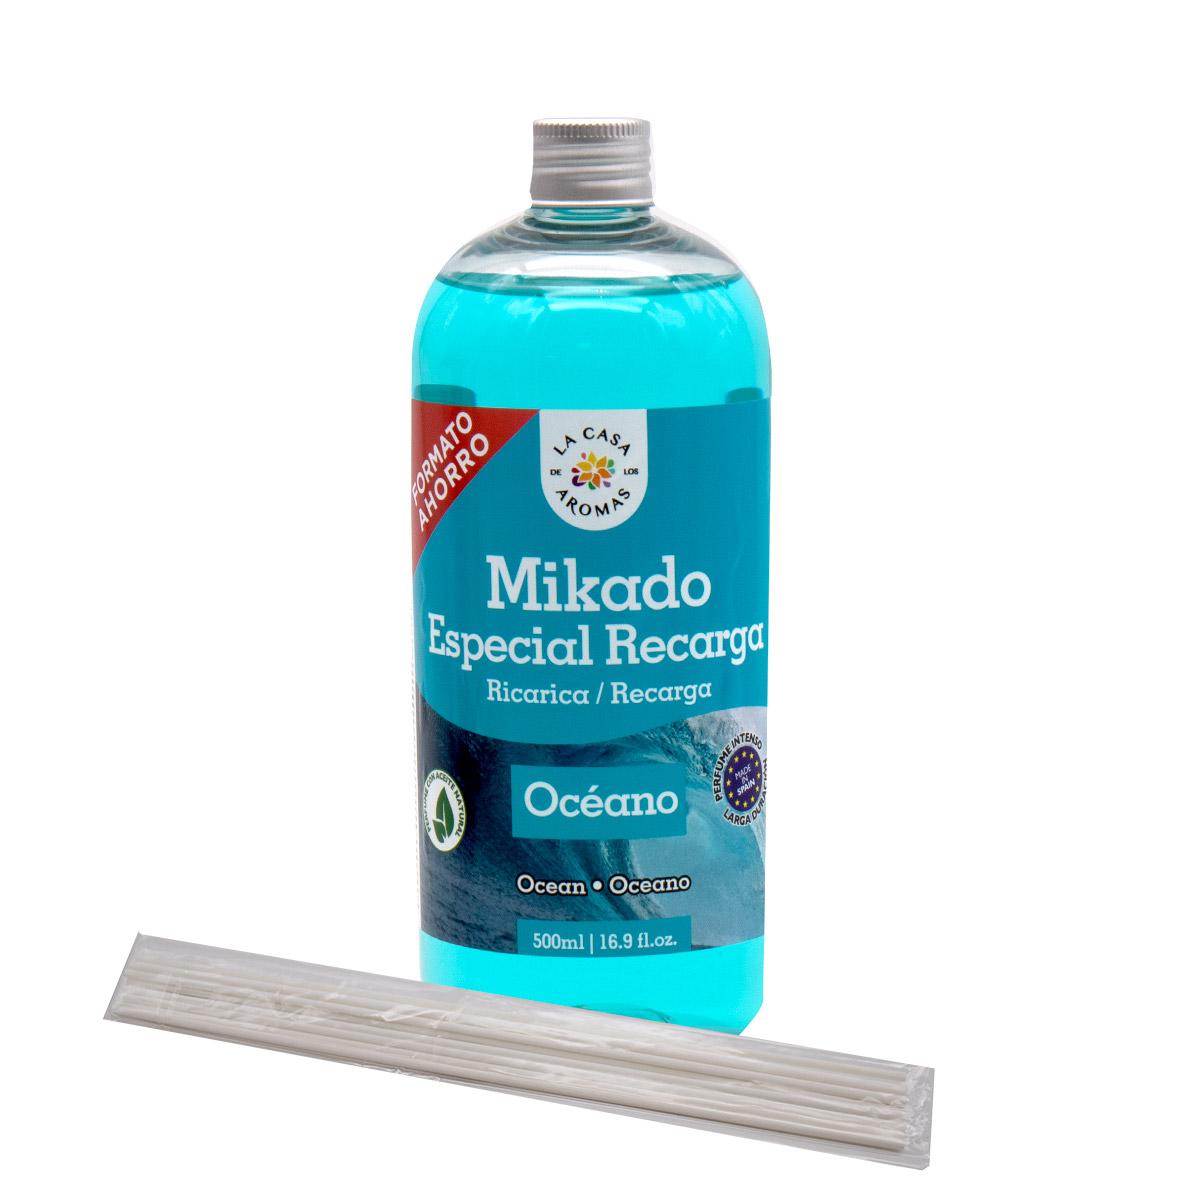 Ambientador Mikado Oceano 500ml